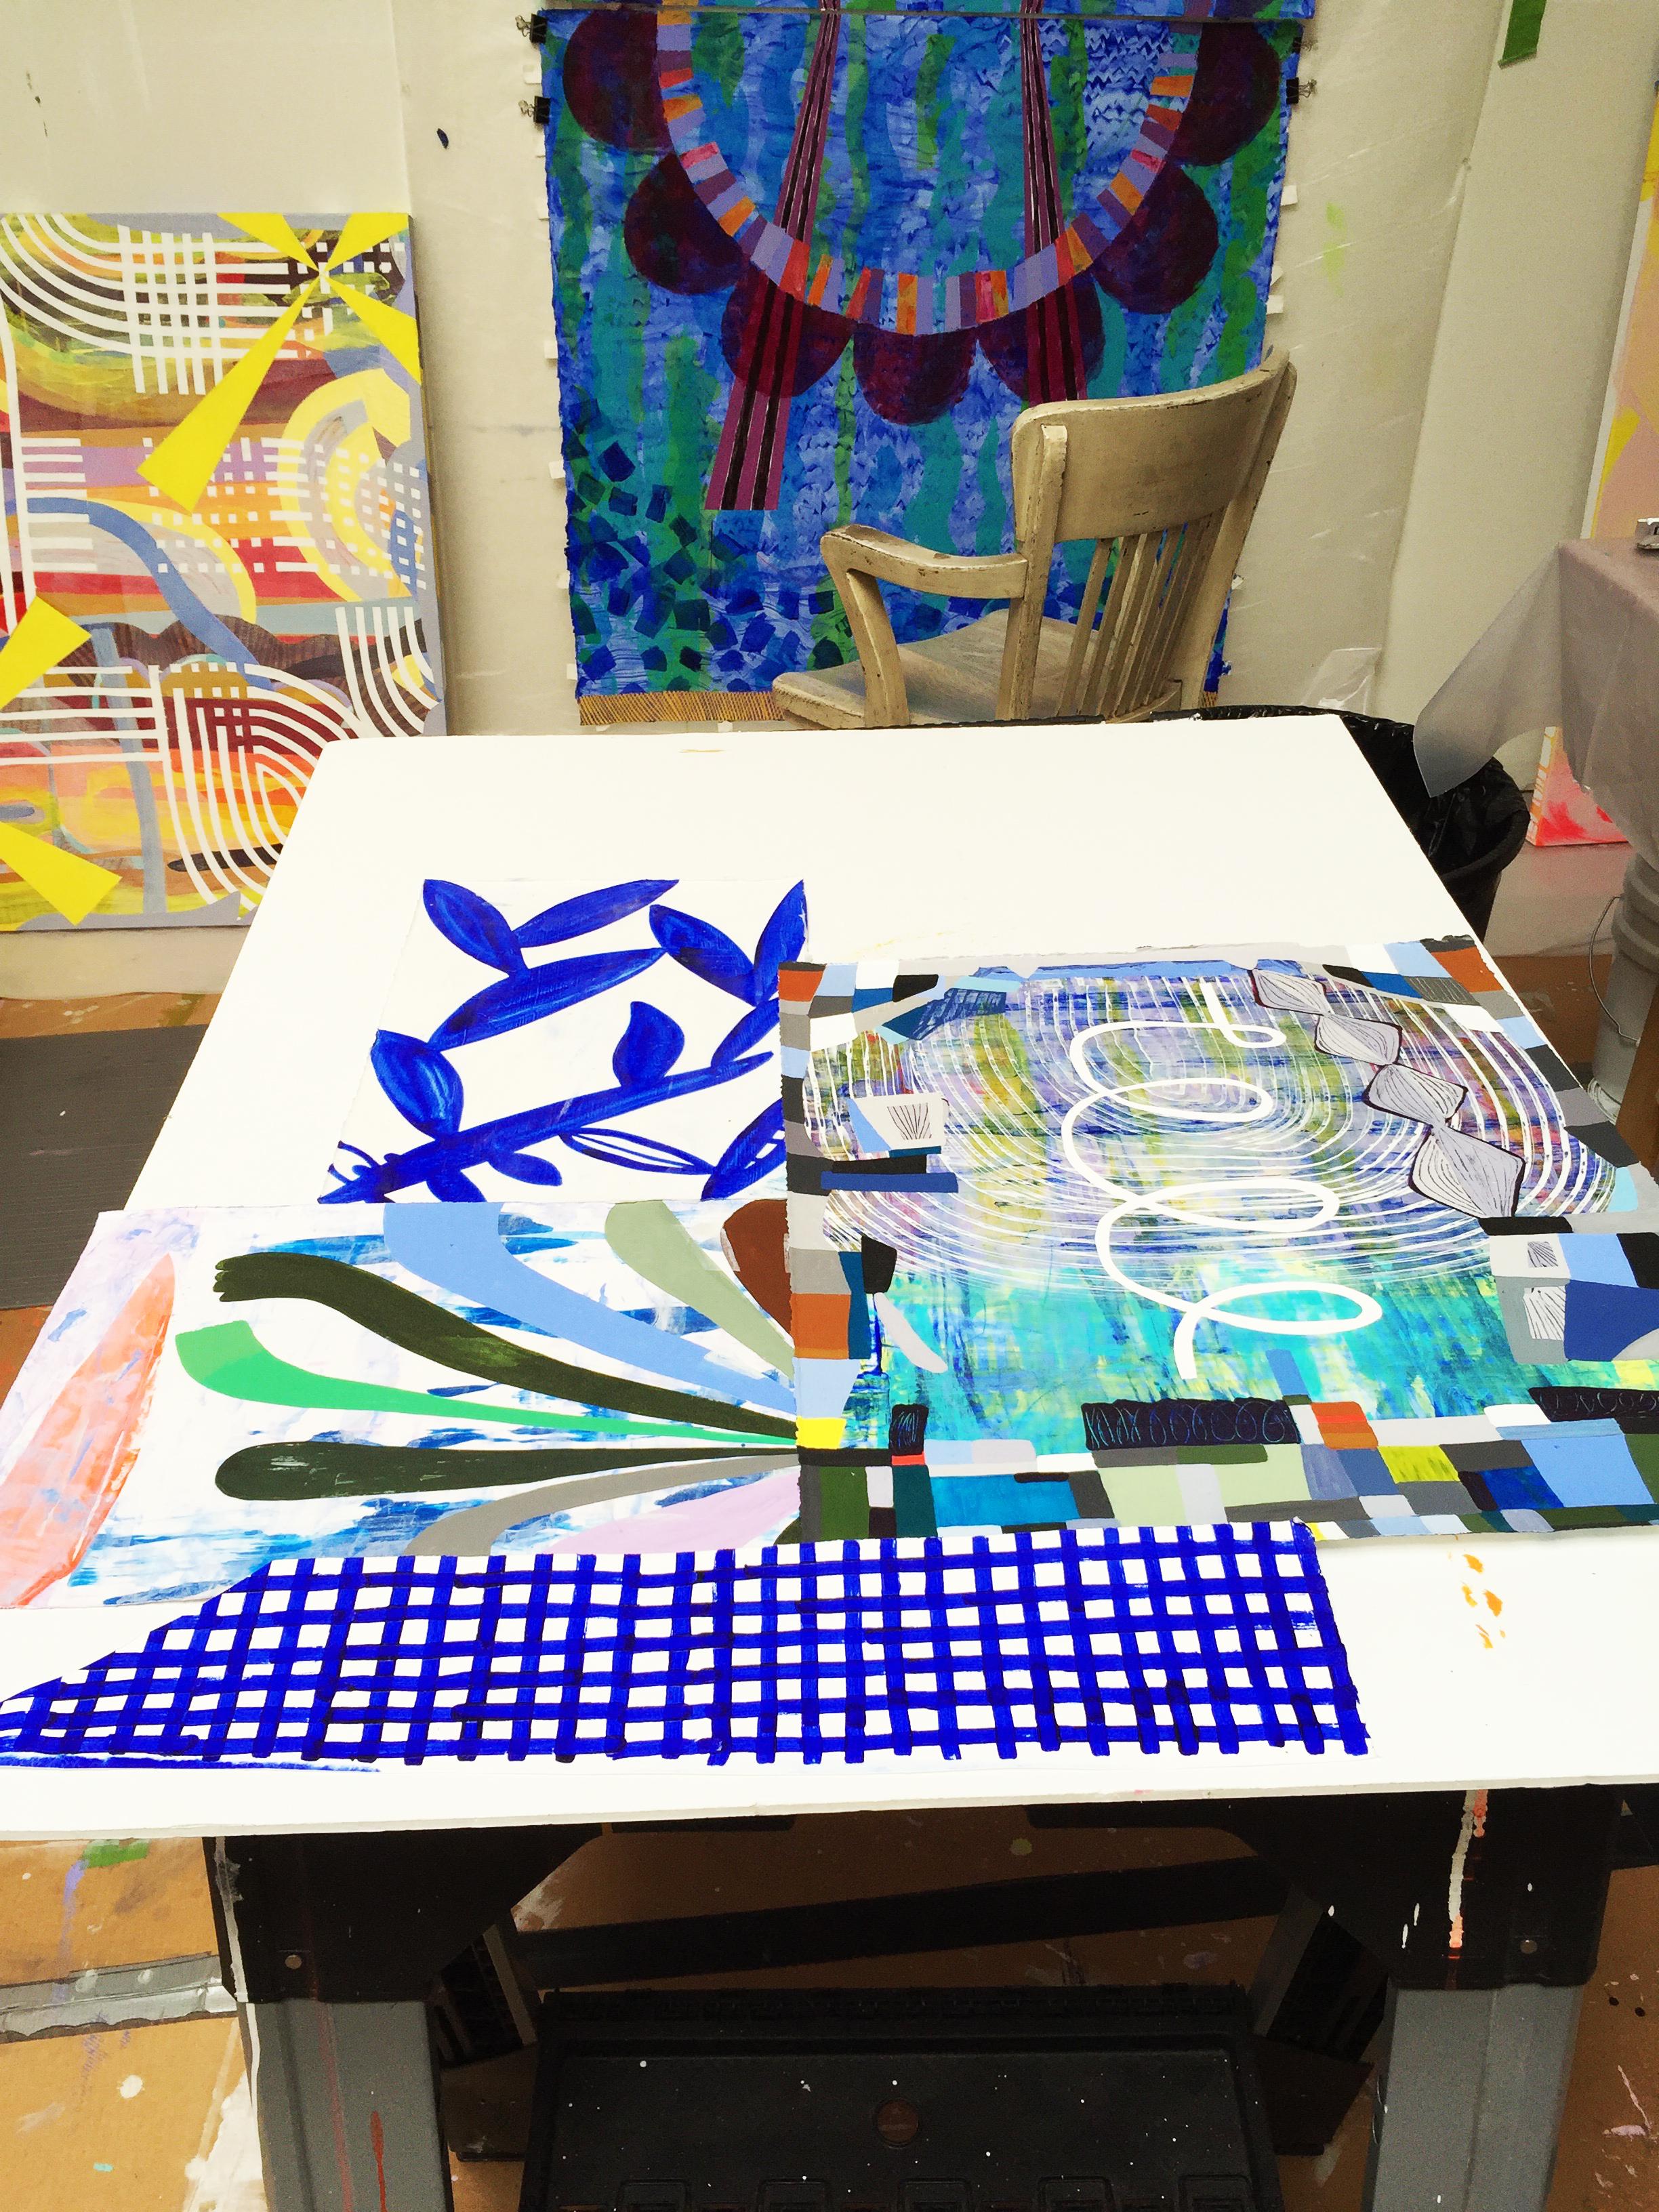 Studio, in progress